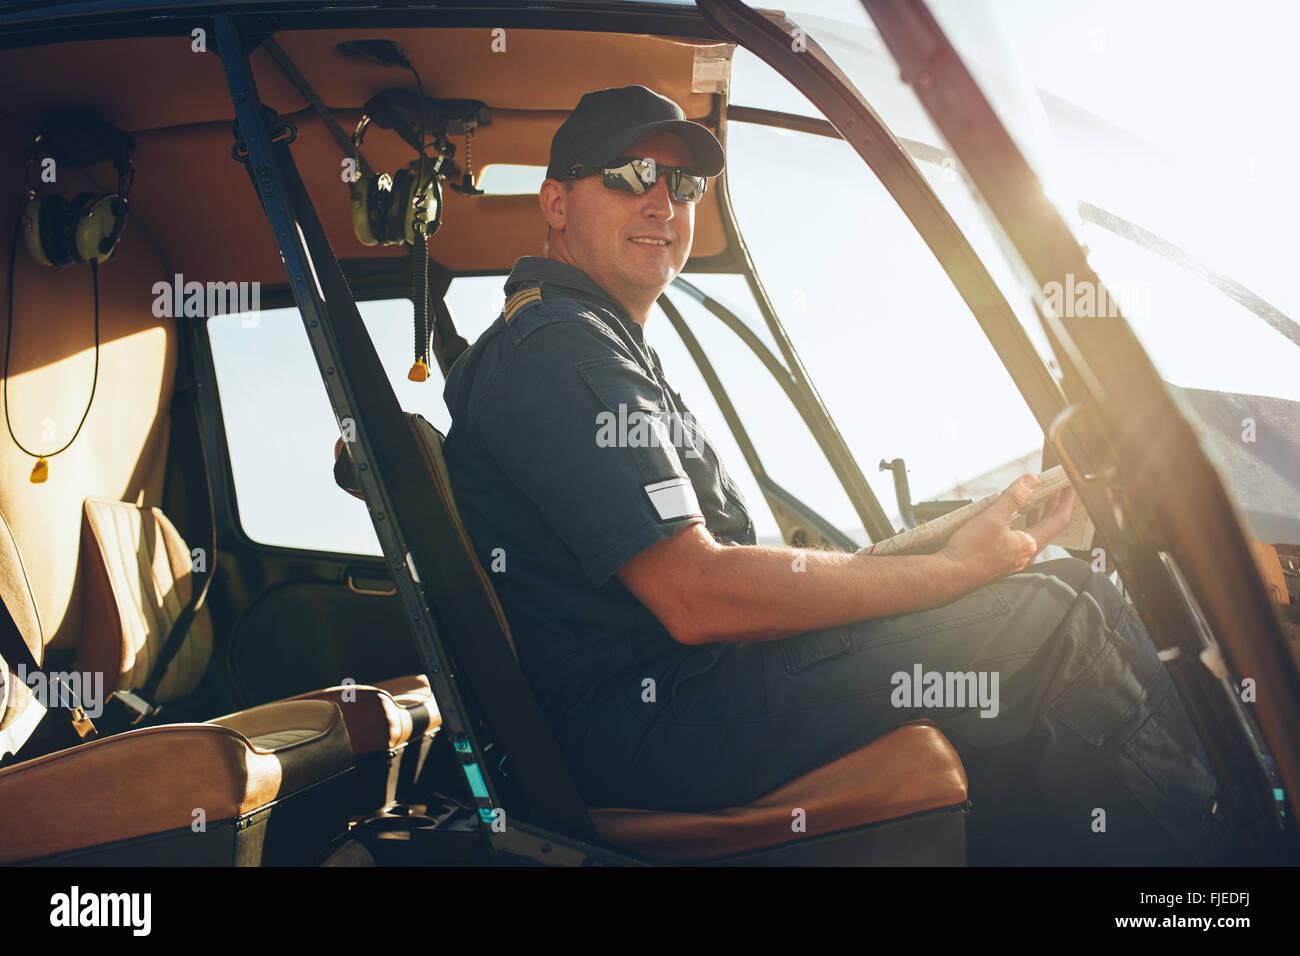 Retrato de feliz macho piloto sentado en la cabina de un helicóptero con un mapa de aviación. Imagen De Stock